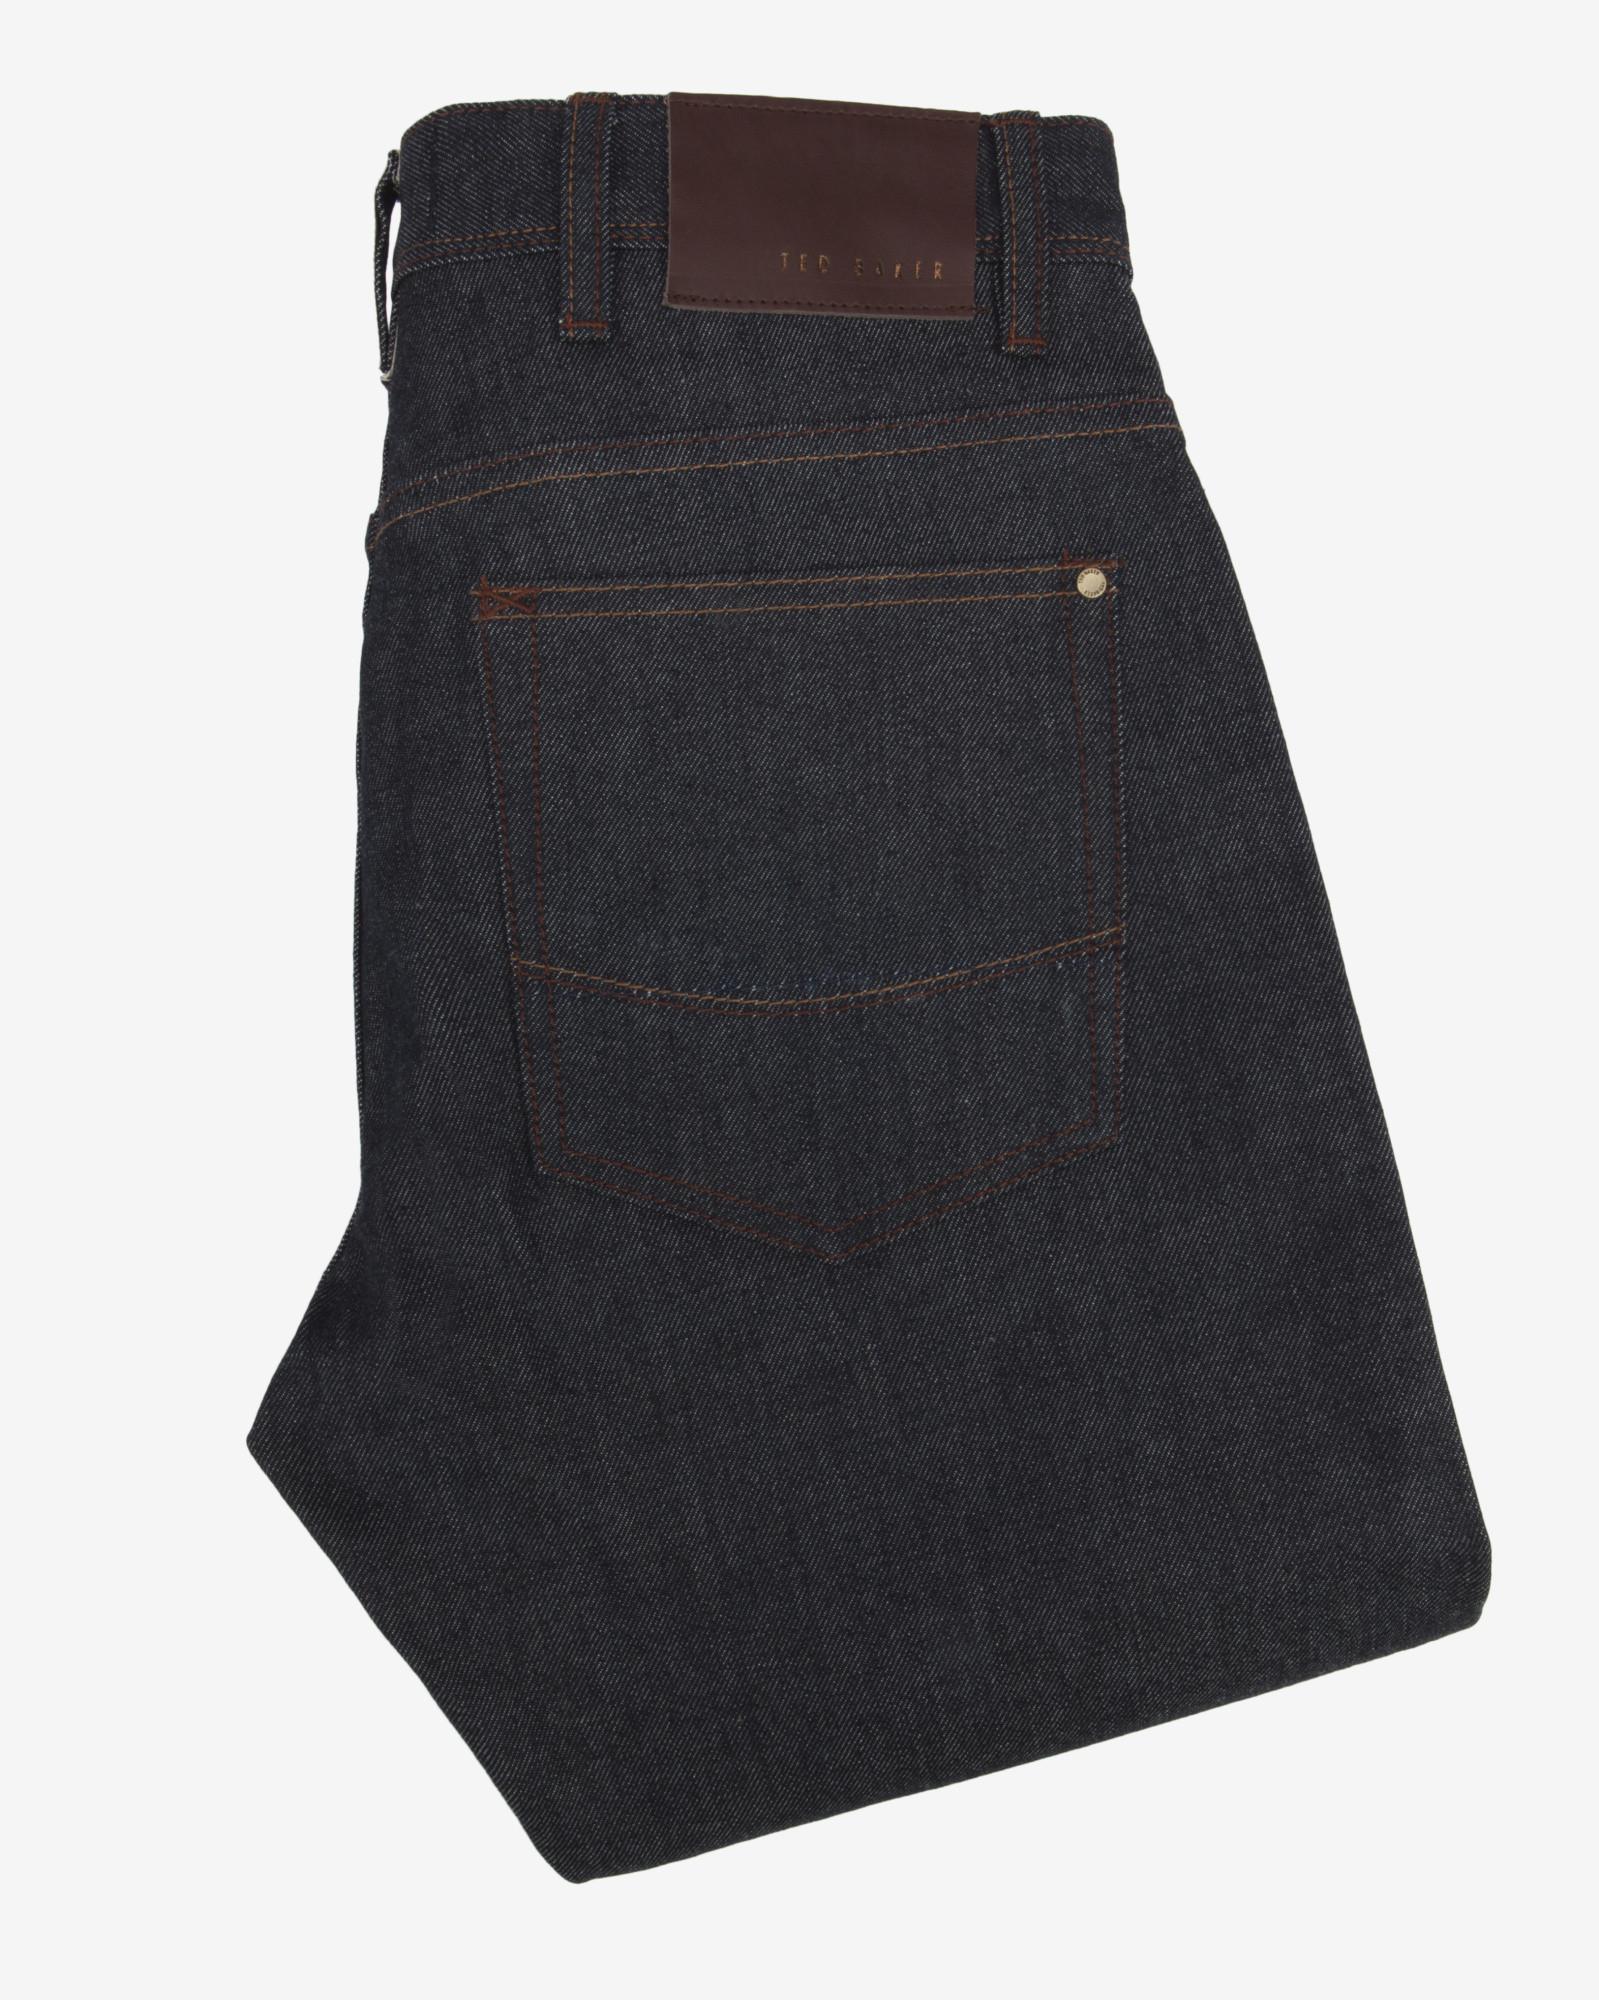 Ted Baker Straight Fit Selvedge Jeans in Rinse Denim (Blue) for Men